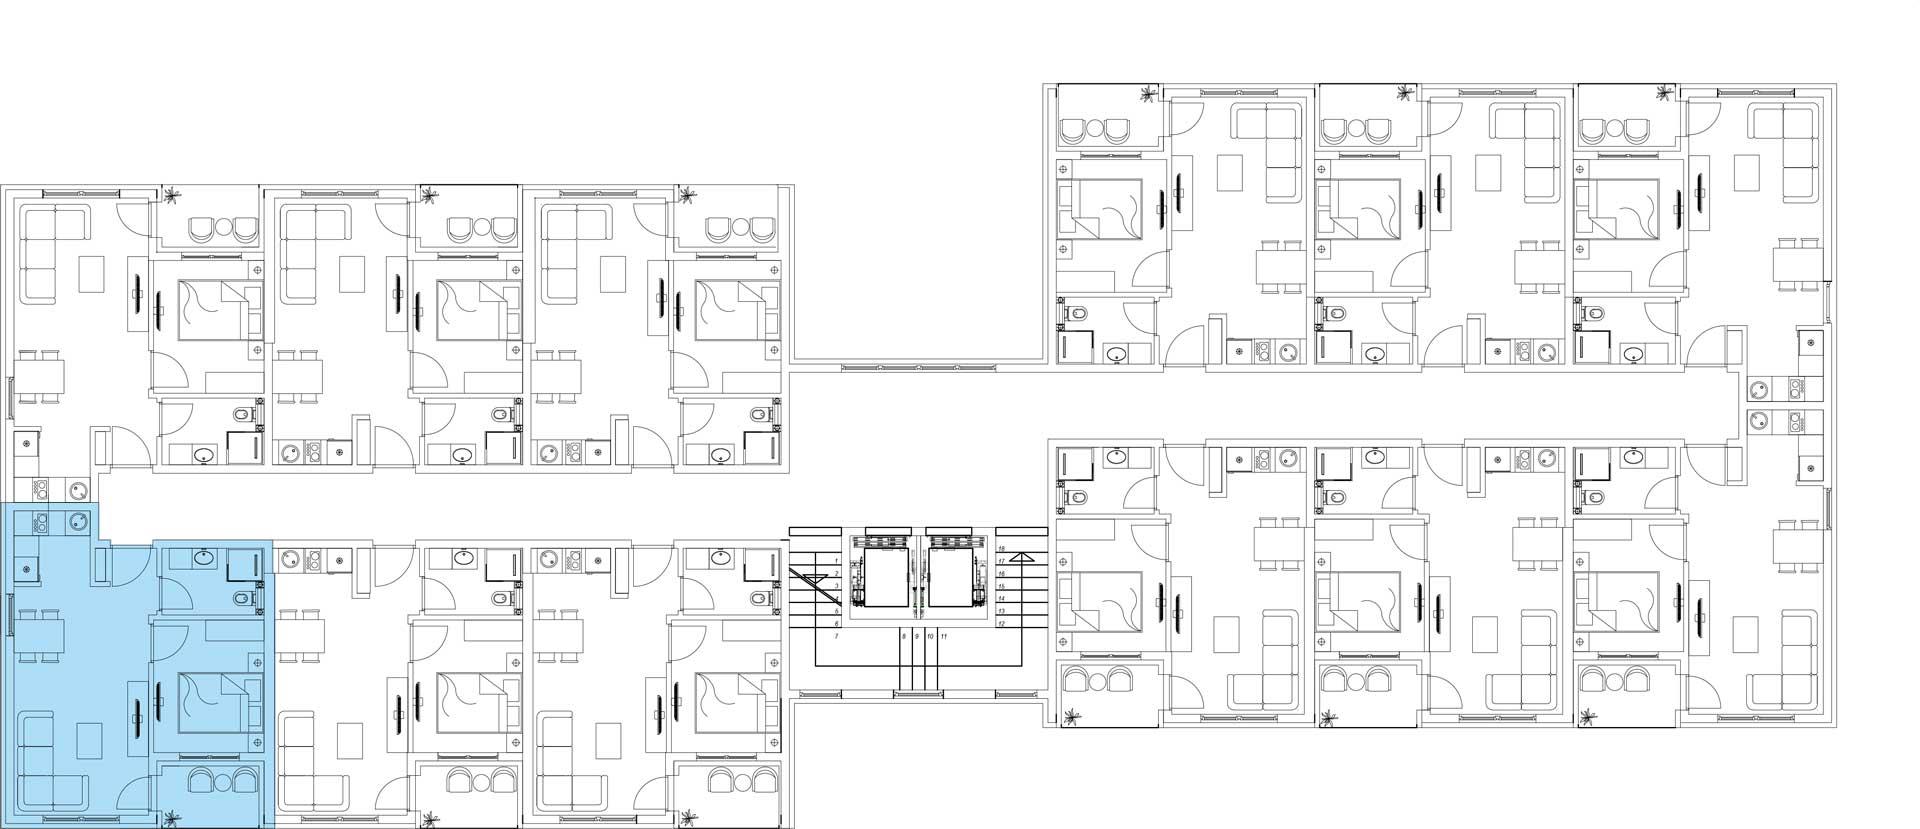 Orjentacija-stambenih-jedinica--16,-28,-40,-52,-64,-76,-88